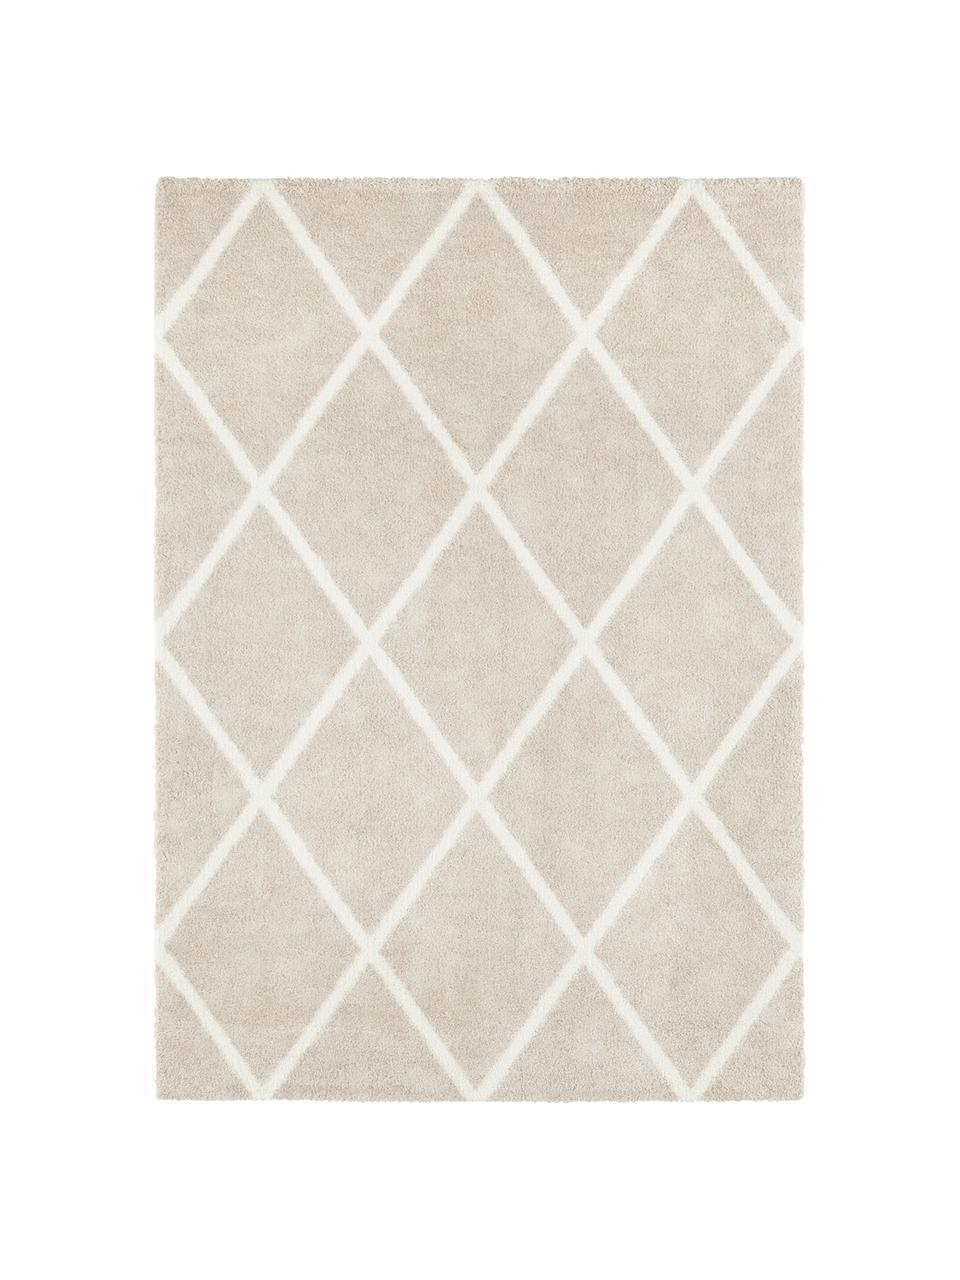 Tappeto con motivo a rombi Lunel, Retro: juta, Beige, color crema, Larg. 200 x Lung. 290 cm (taglia L)